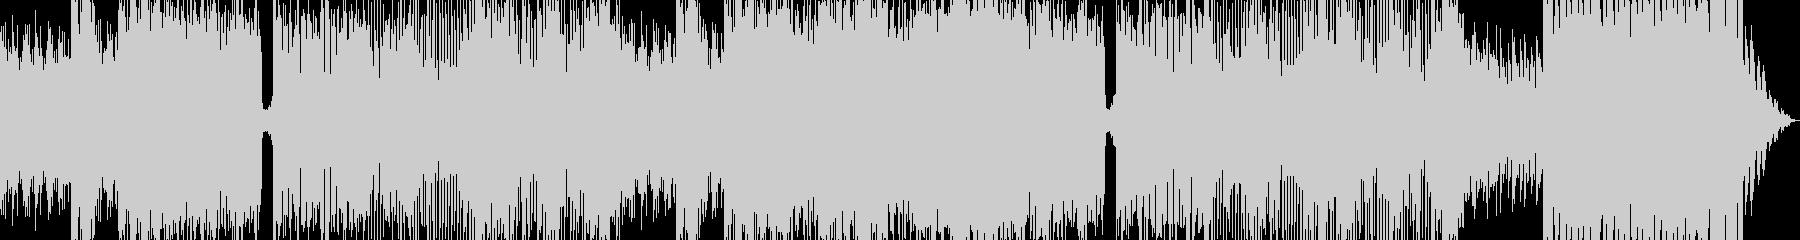 三國志 英傑のイメージの未再生の波形